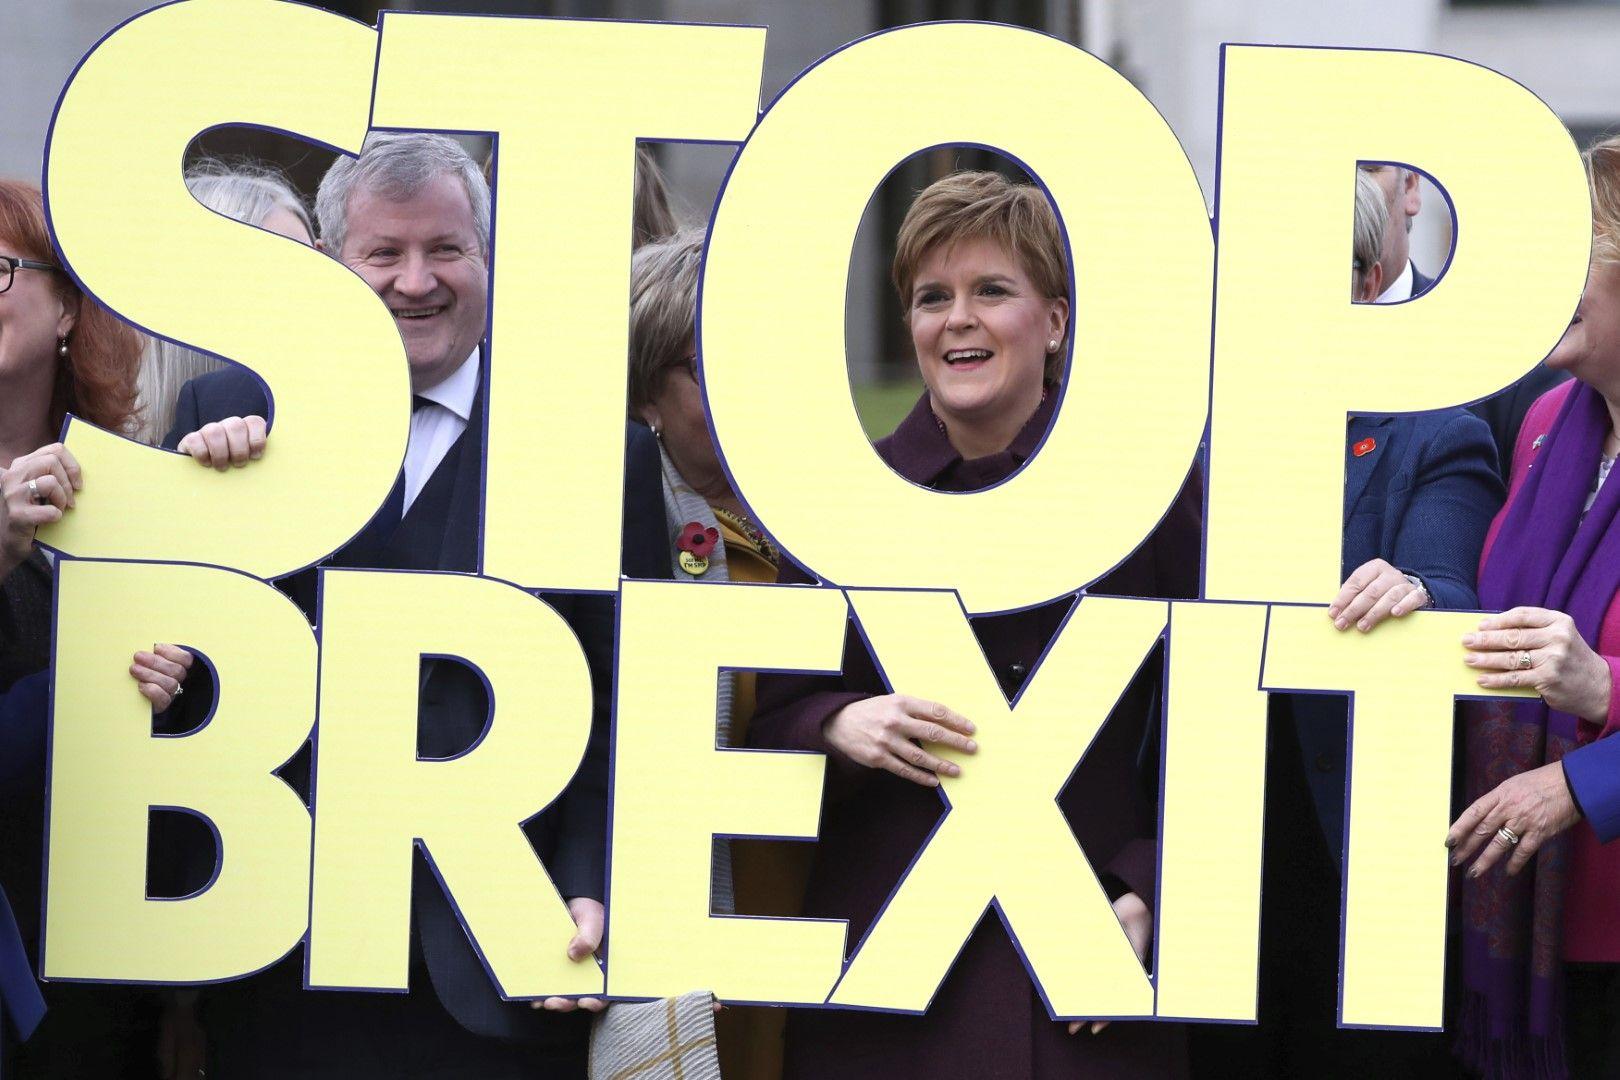 Лидерът на Шотландската национална партия Никола Стърджън (вдясно) и депутатът Иън Блекфорд (вляво) по време на старта на кампанията за общи избори на партията, в Единбург, Шотландия, 8 ноември 2019 г. Партията е против Брекзит